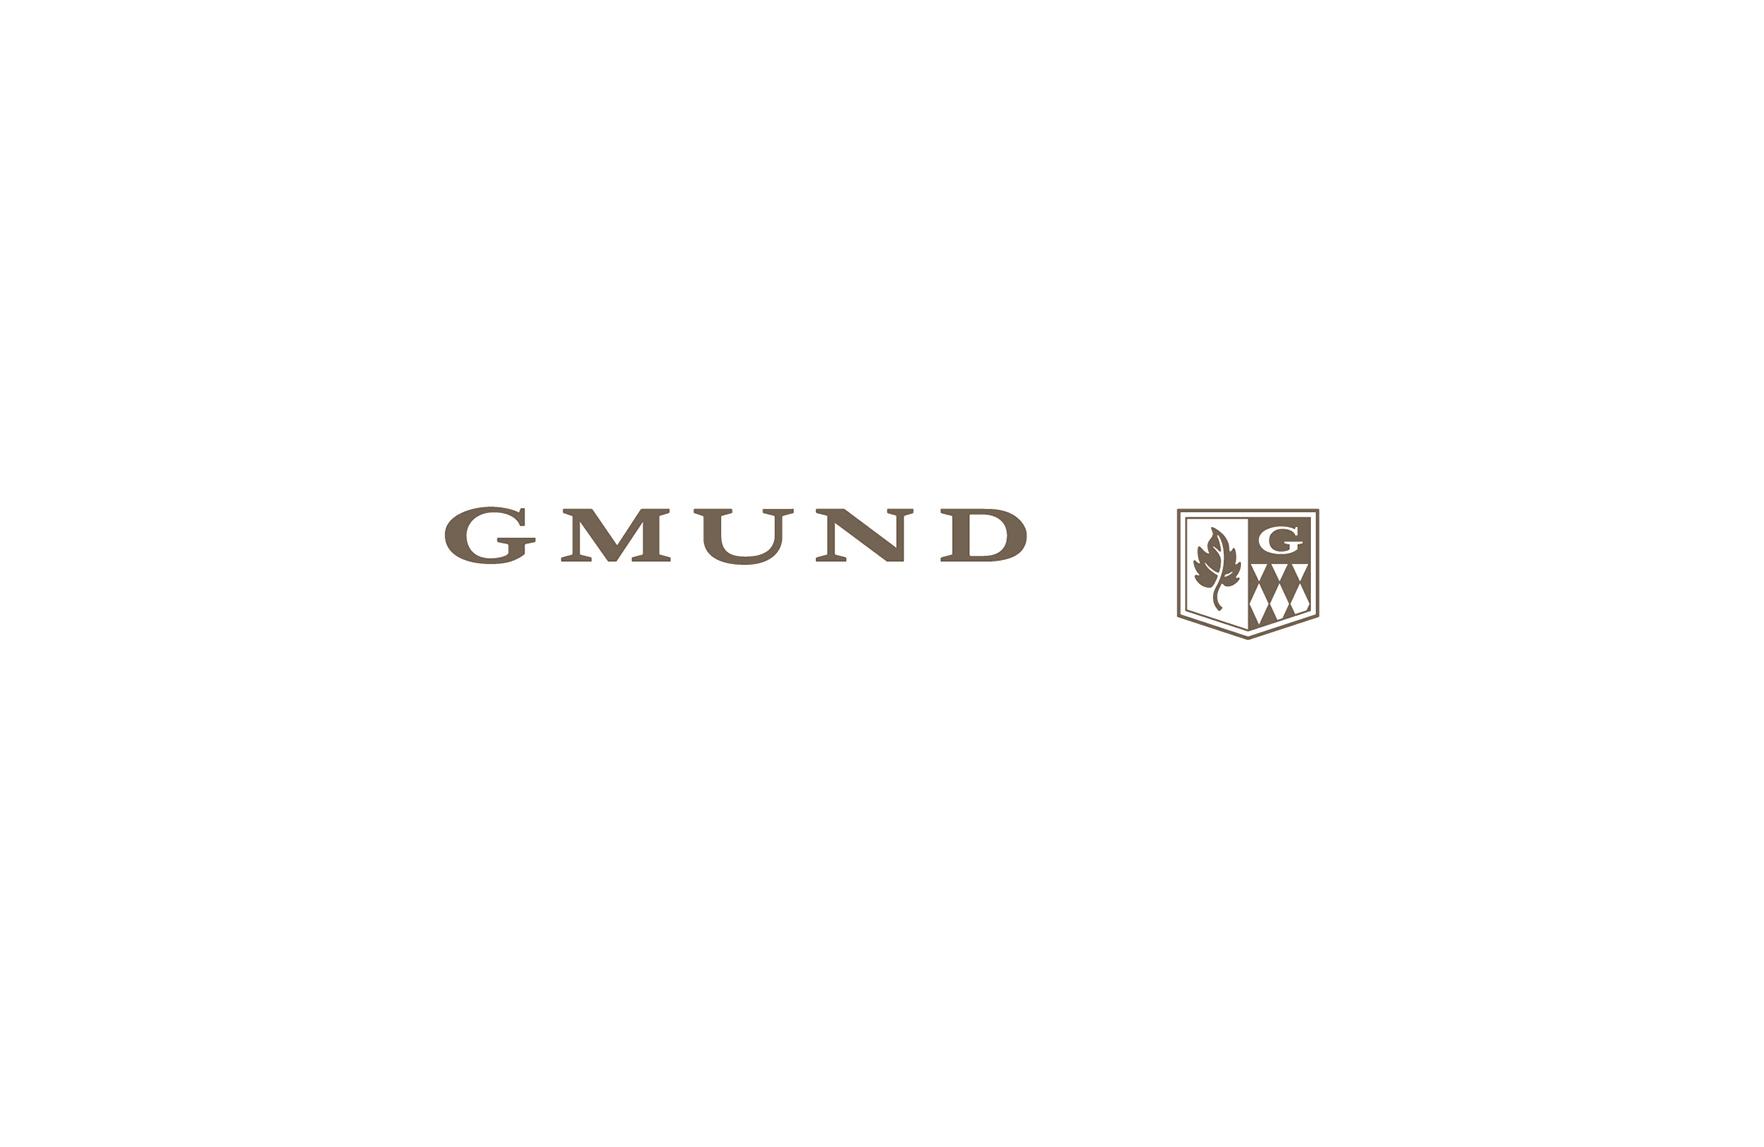 Gmund Cotton. Büttenpapierfabrik Gmund